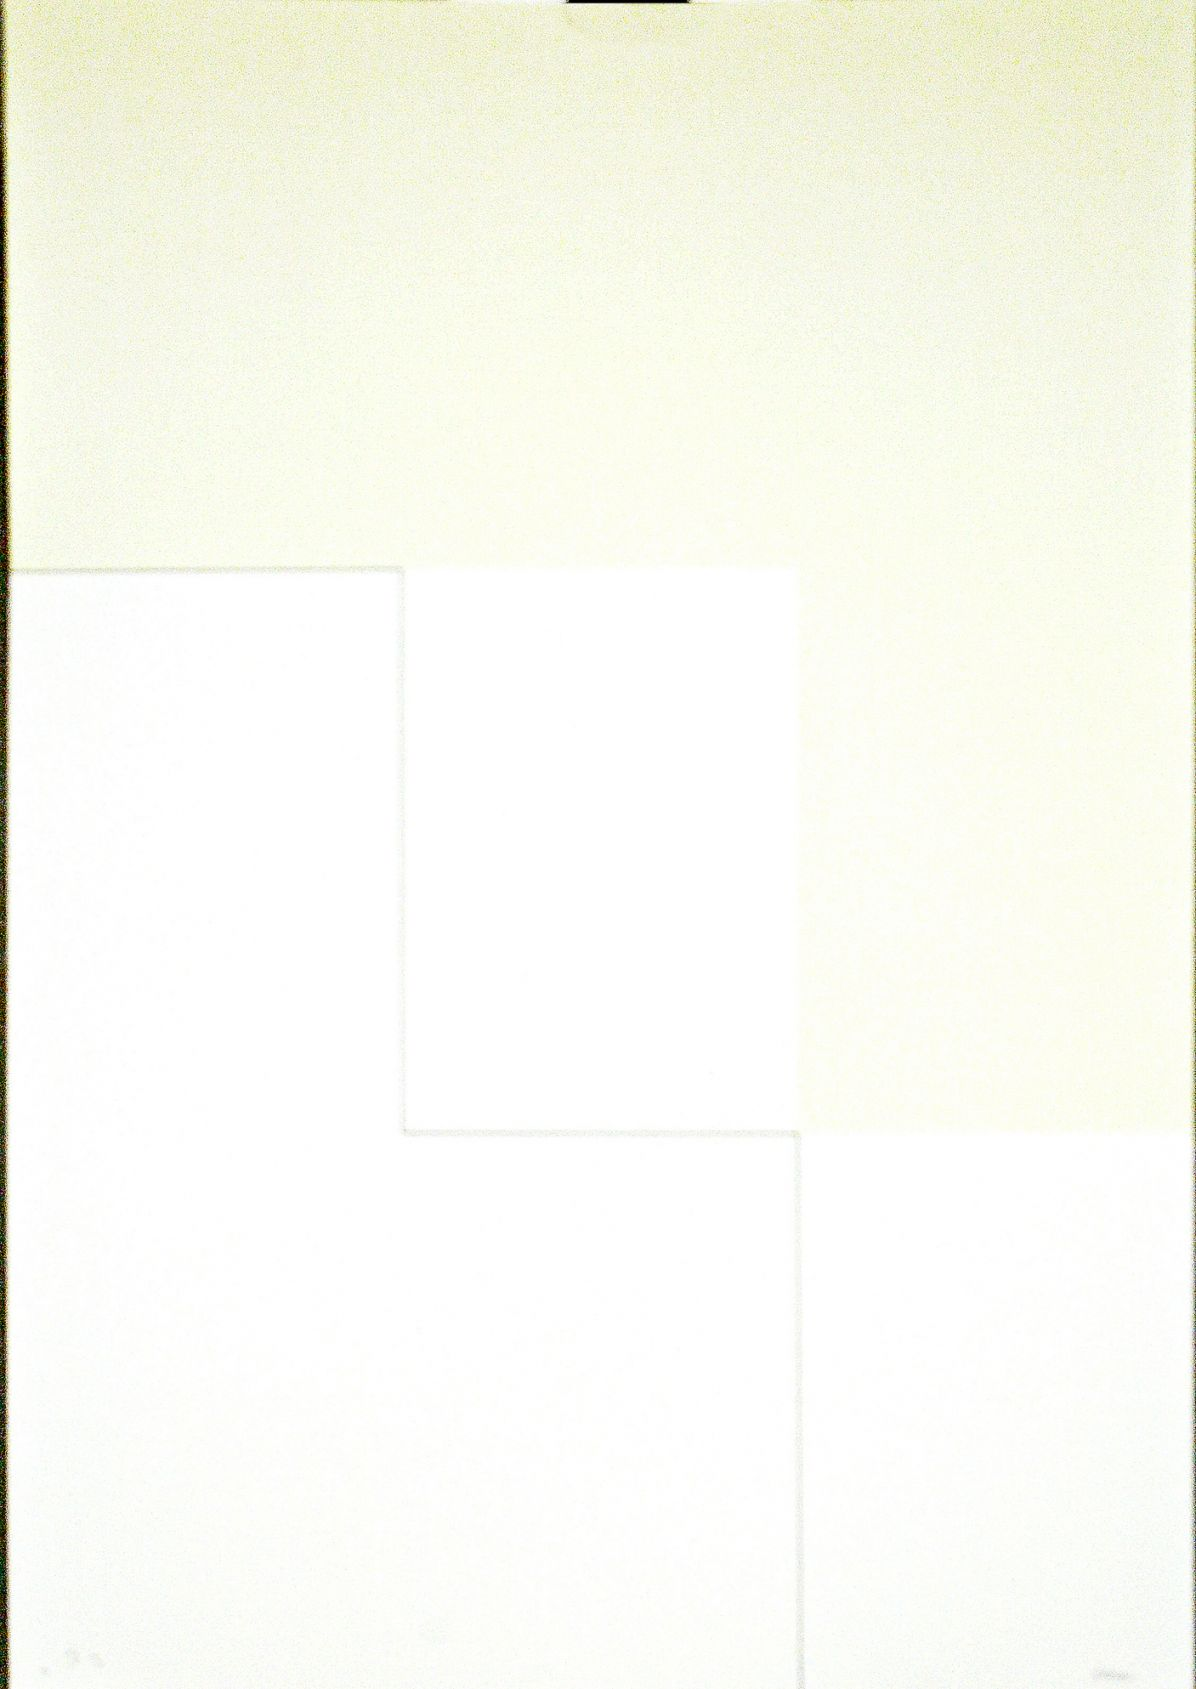 Sin Título I (2004) - Hartmut Böhm